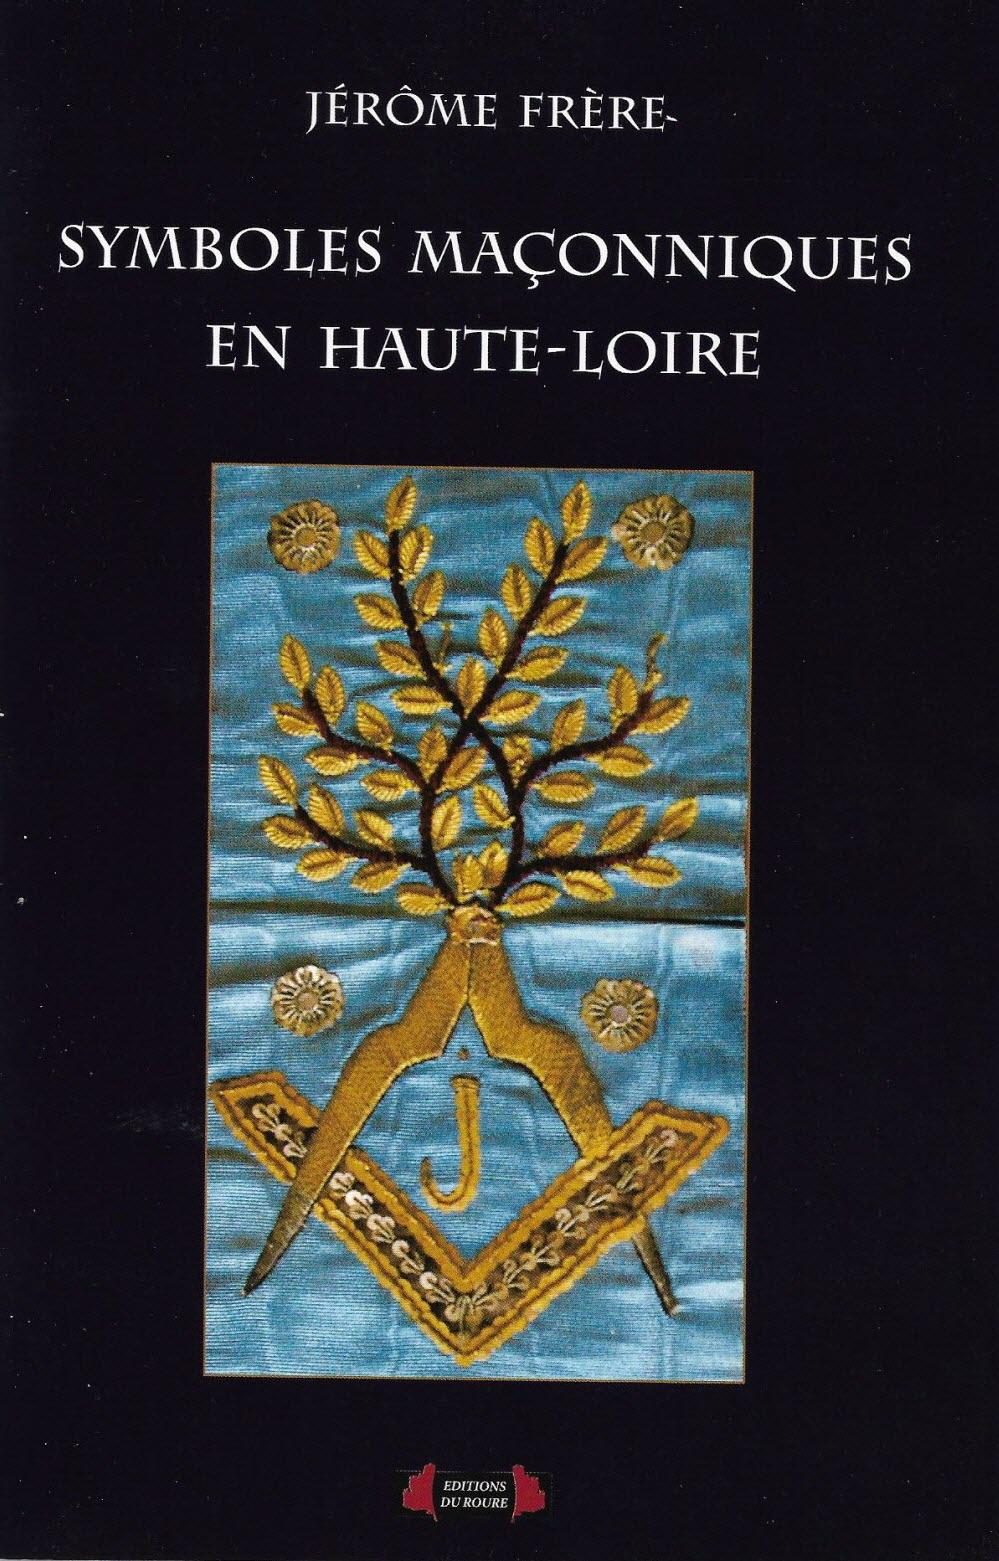 Symbole De La Franc Maçonnerie : symbole, franc, maçonnerie, Yssingeaux, Littérature., Franc-maçonnerie, Haute-Loire, Lève, Voile, Travers, Livre